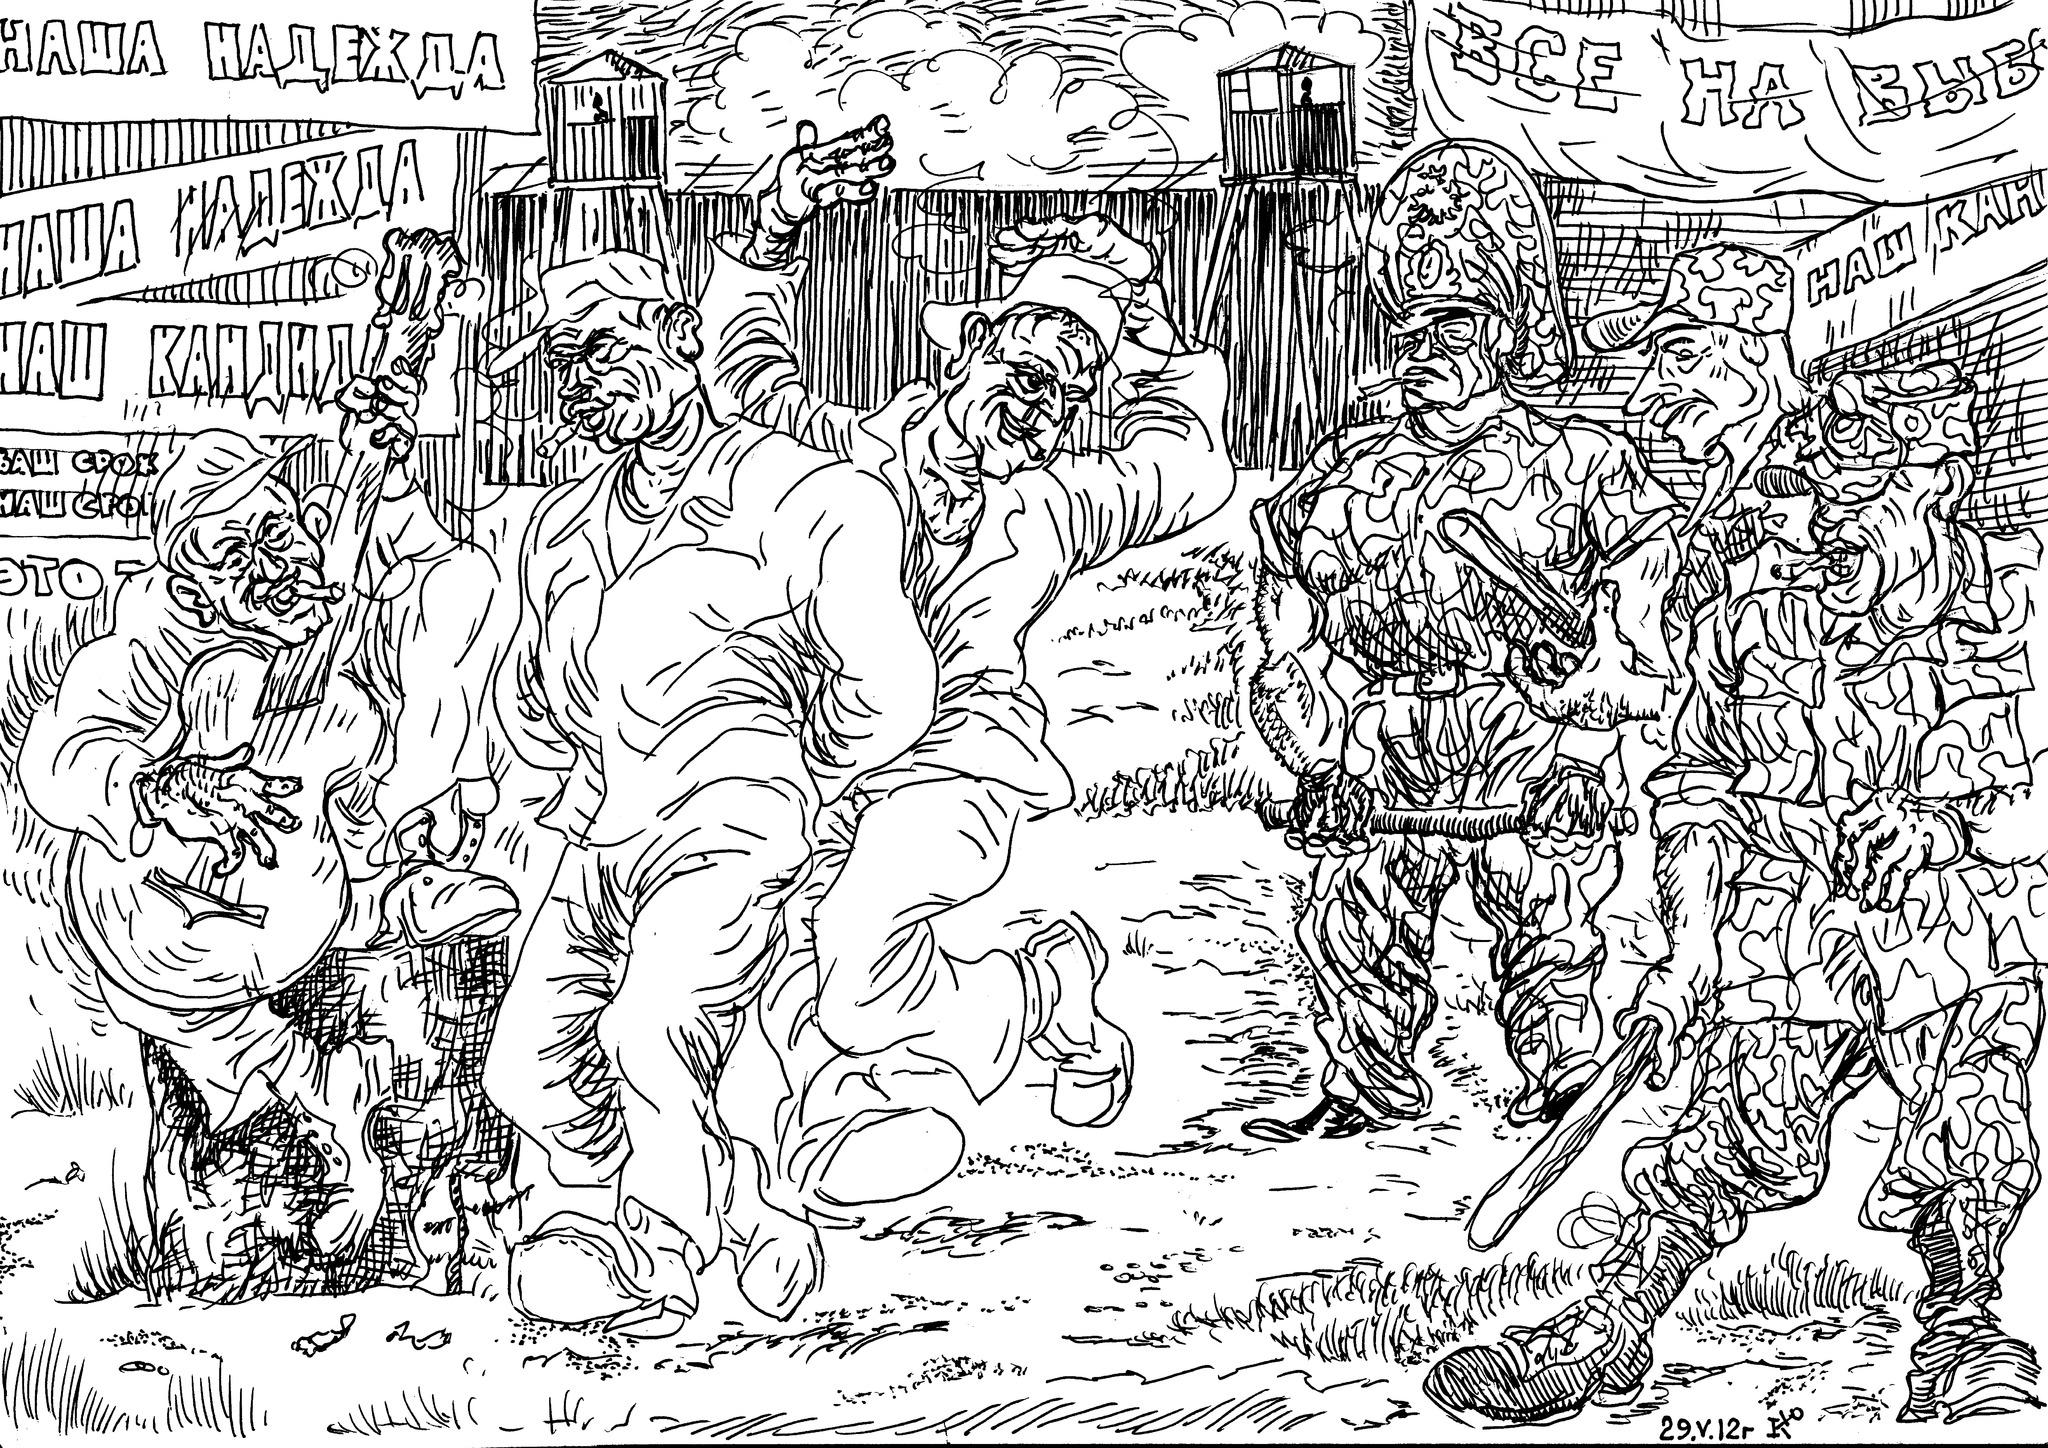 65 тысяч осуждённых и отбывающих наказание — лекторальный резерв (не путать с резервом на выдвижение)